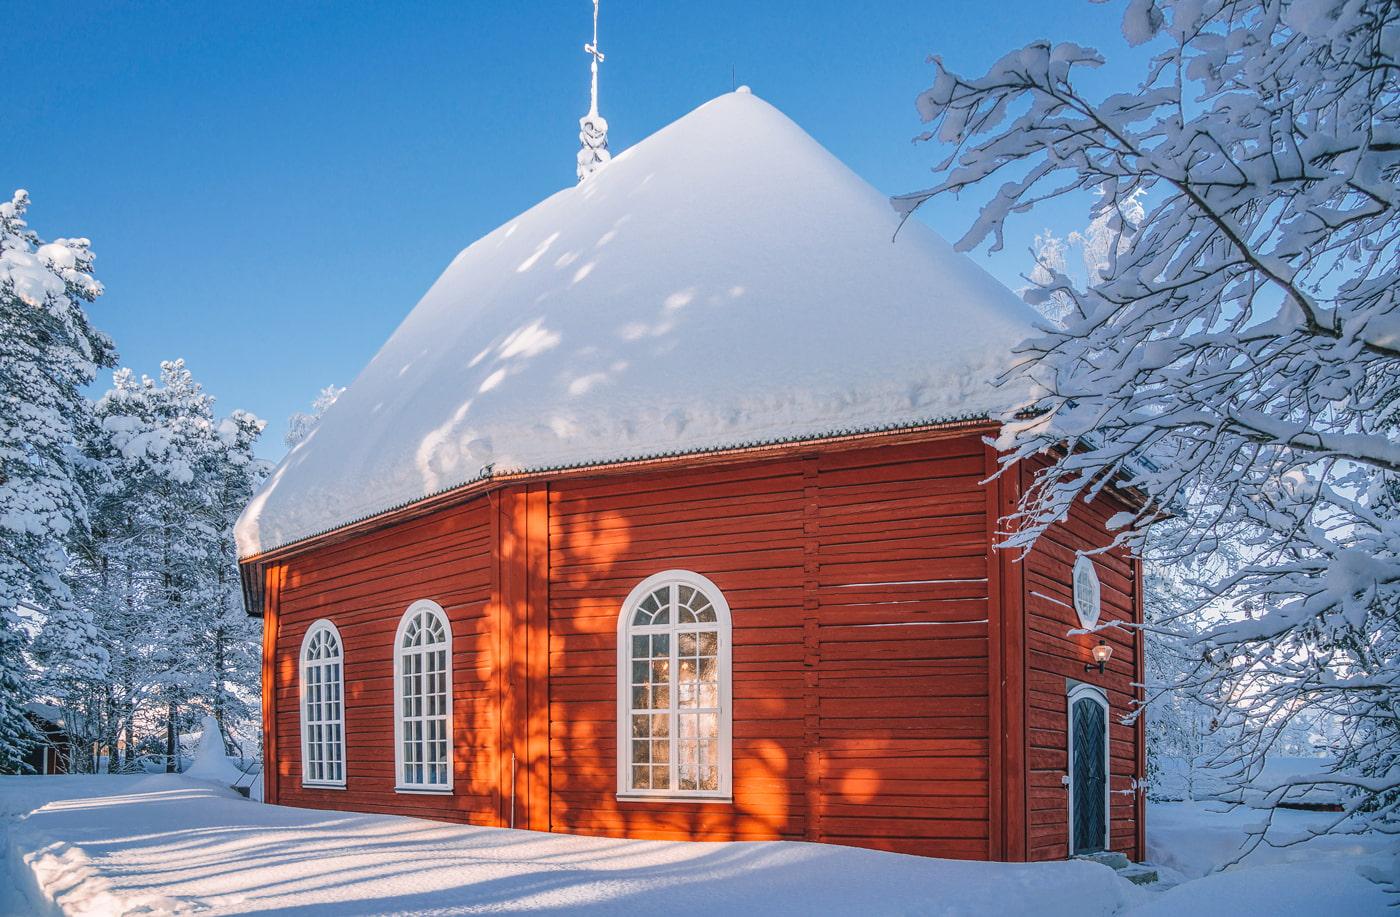 Sami church in Jokkmokk, Lapland